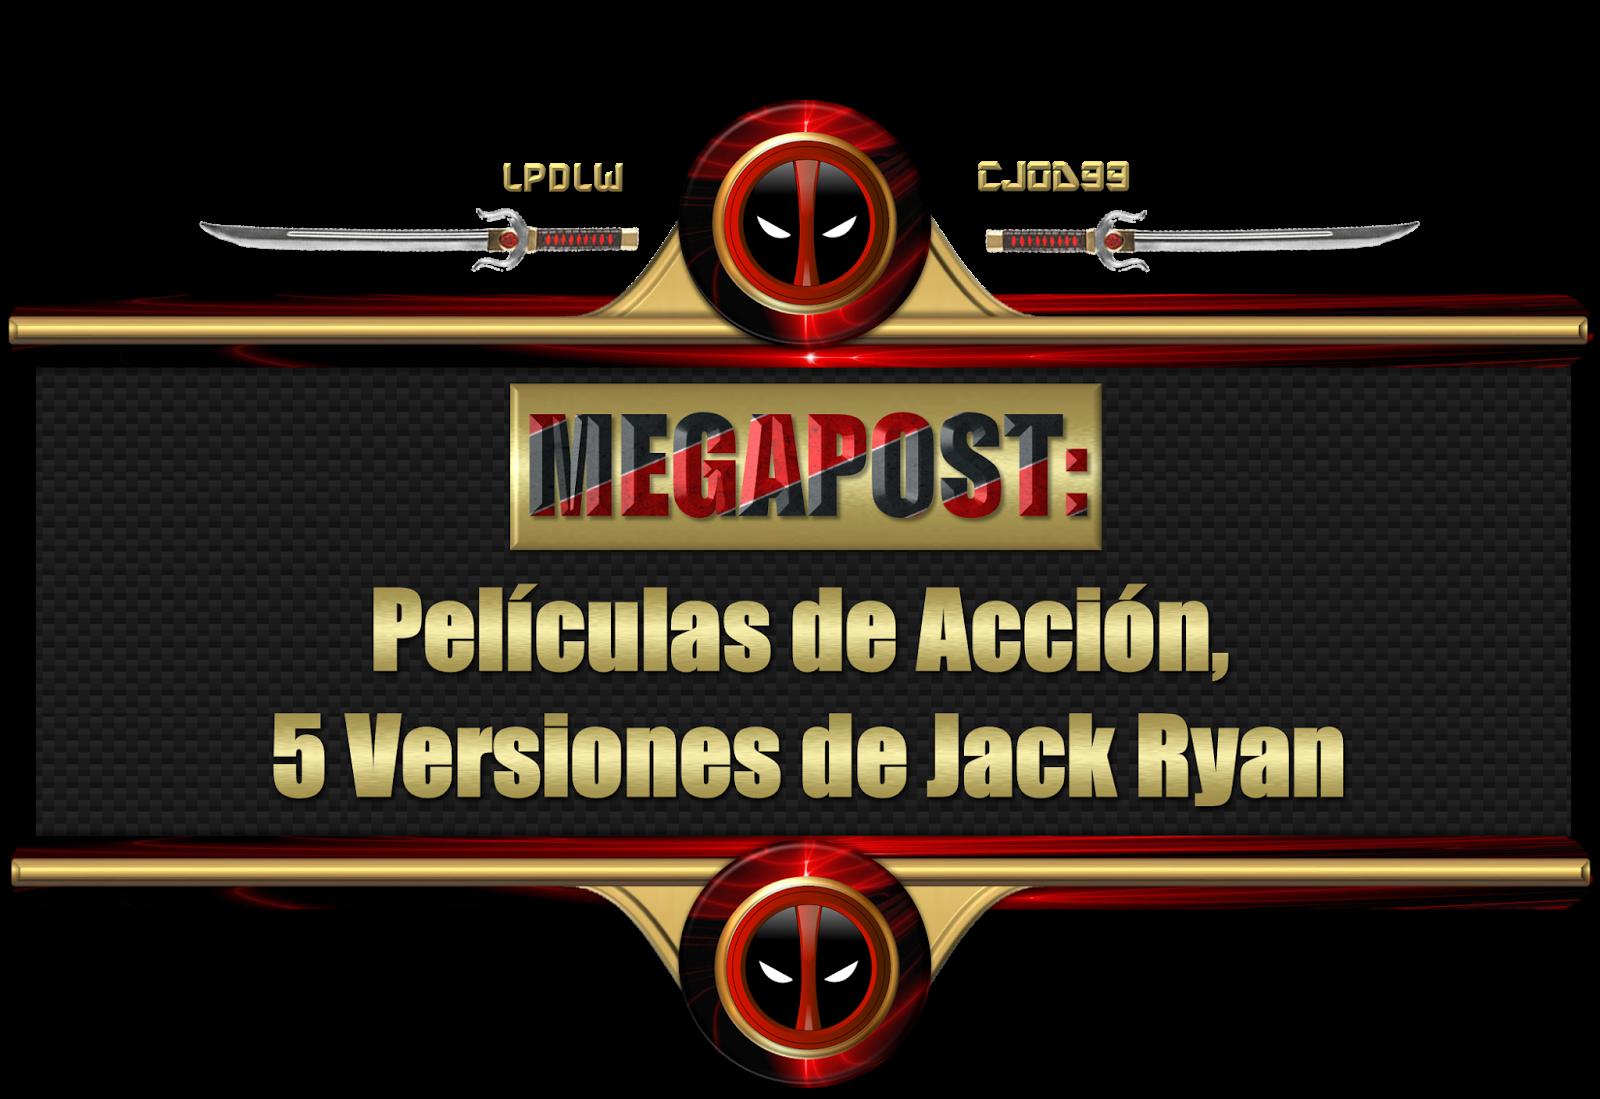 Megapost: Películas de Acción, 5 Versiones de Jack Ryan